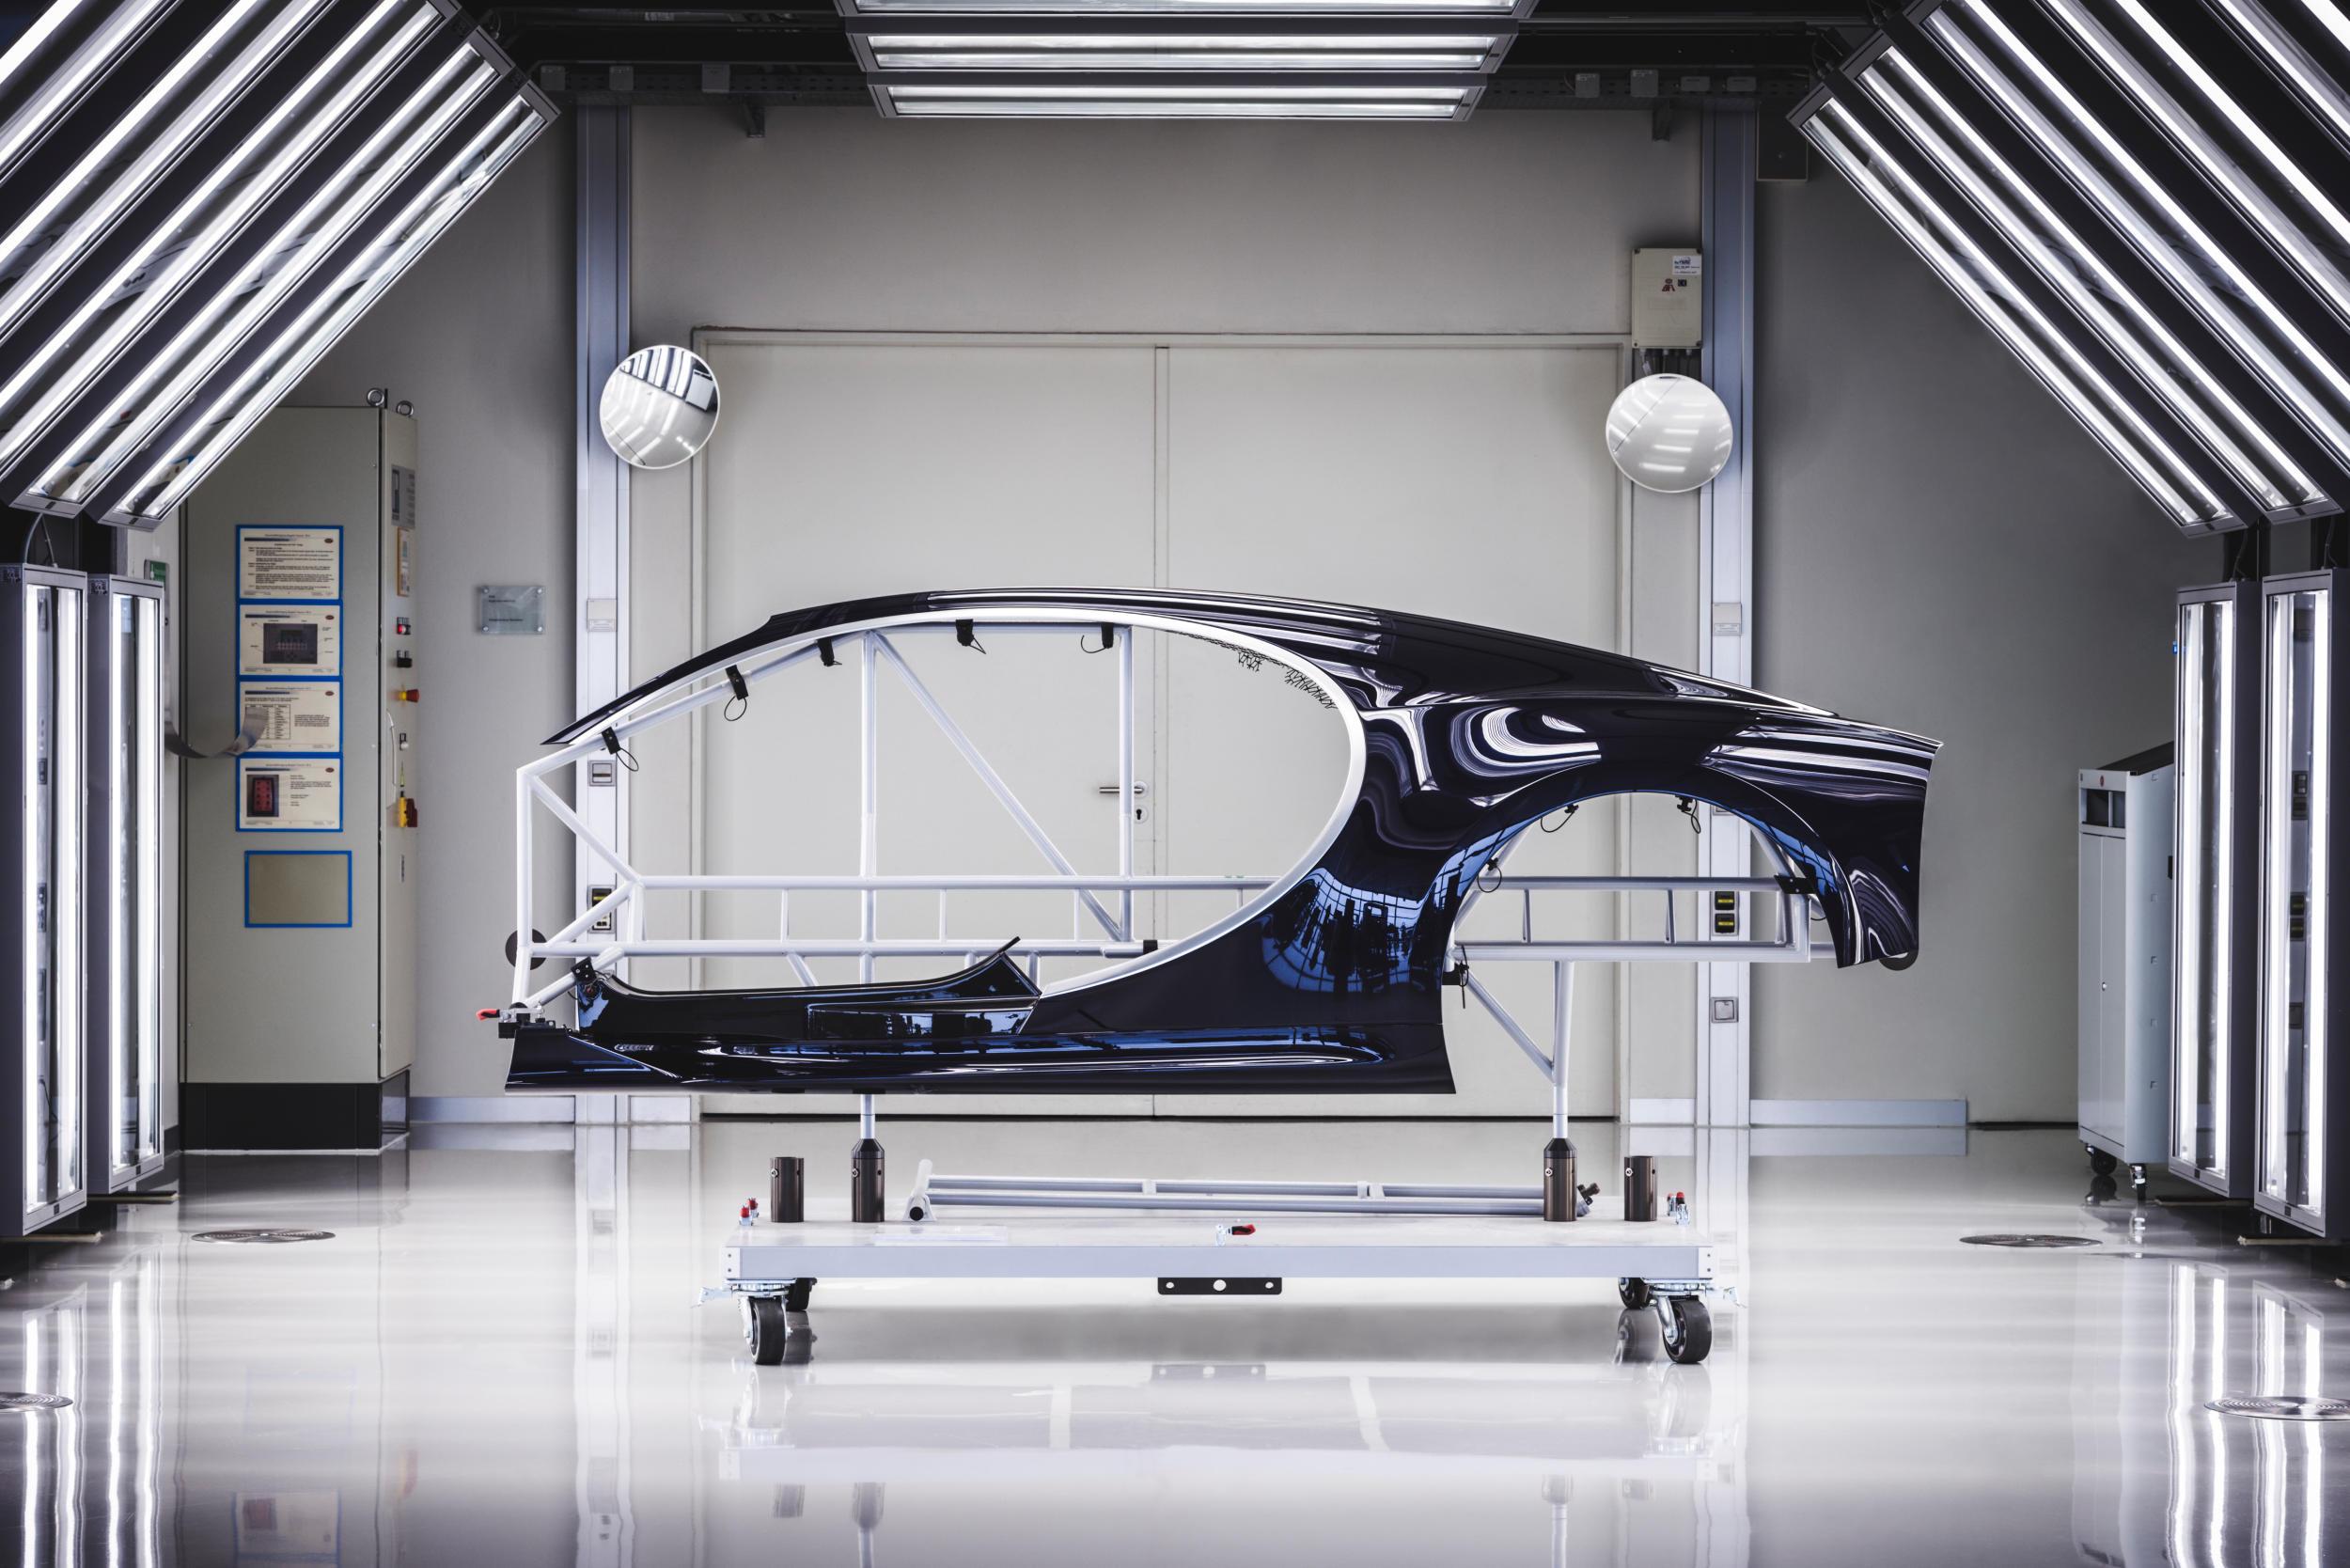 Bugatti chiron fabriek MAN MAN 9